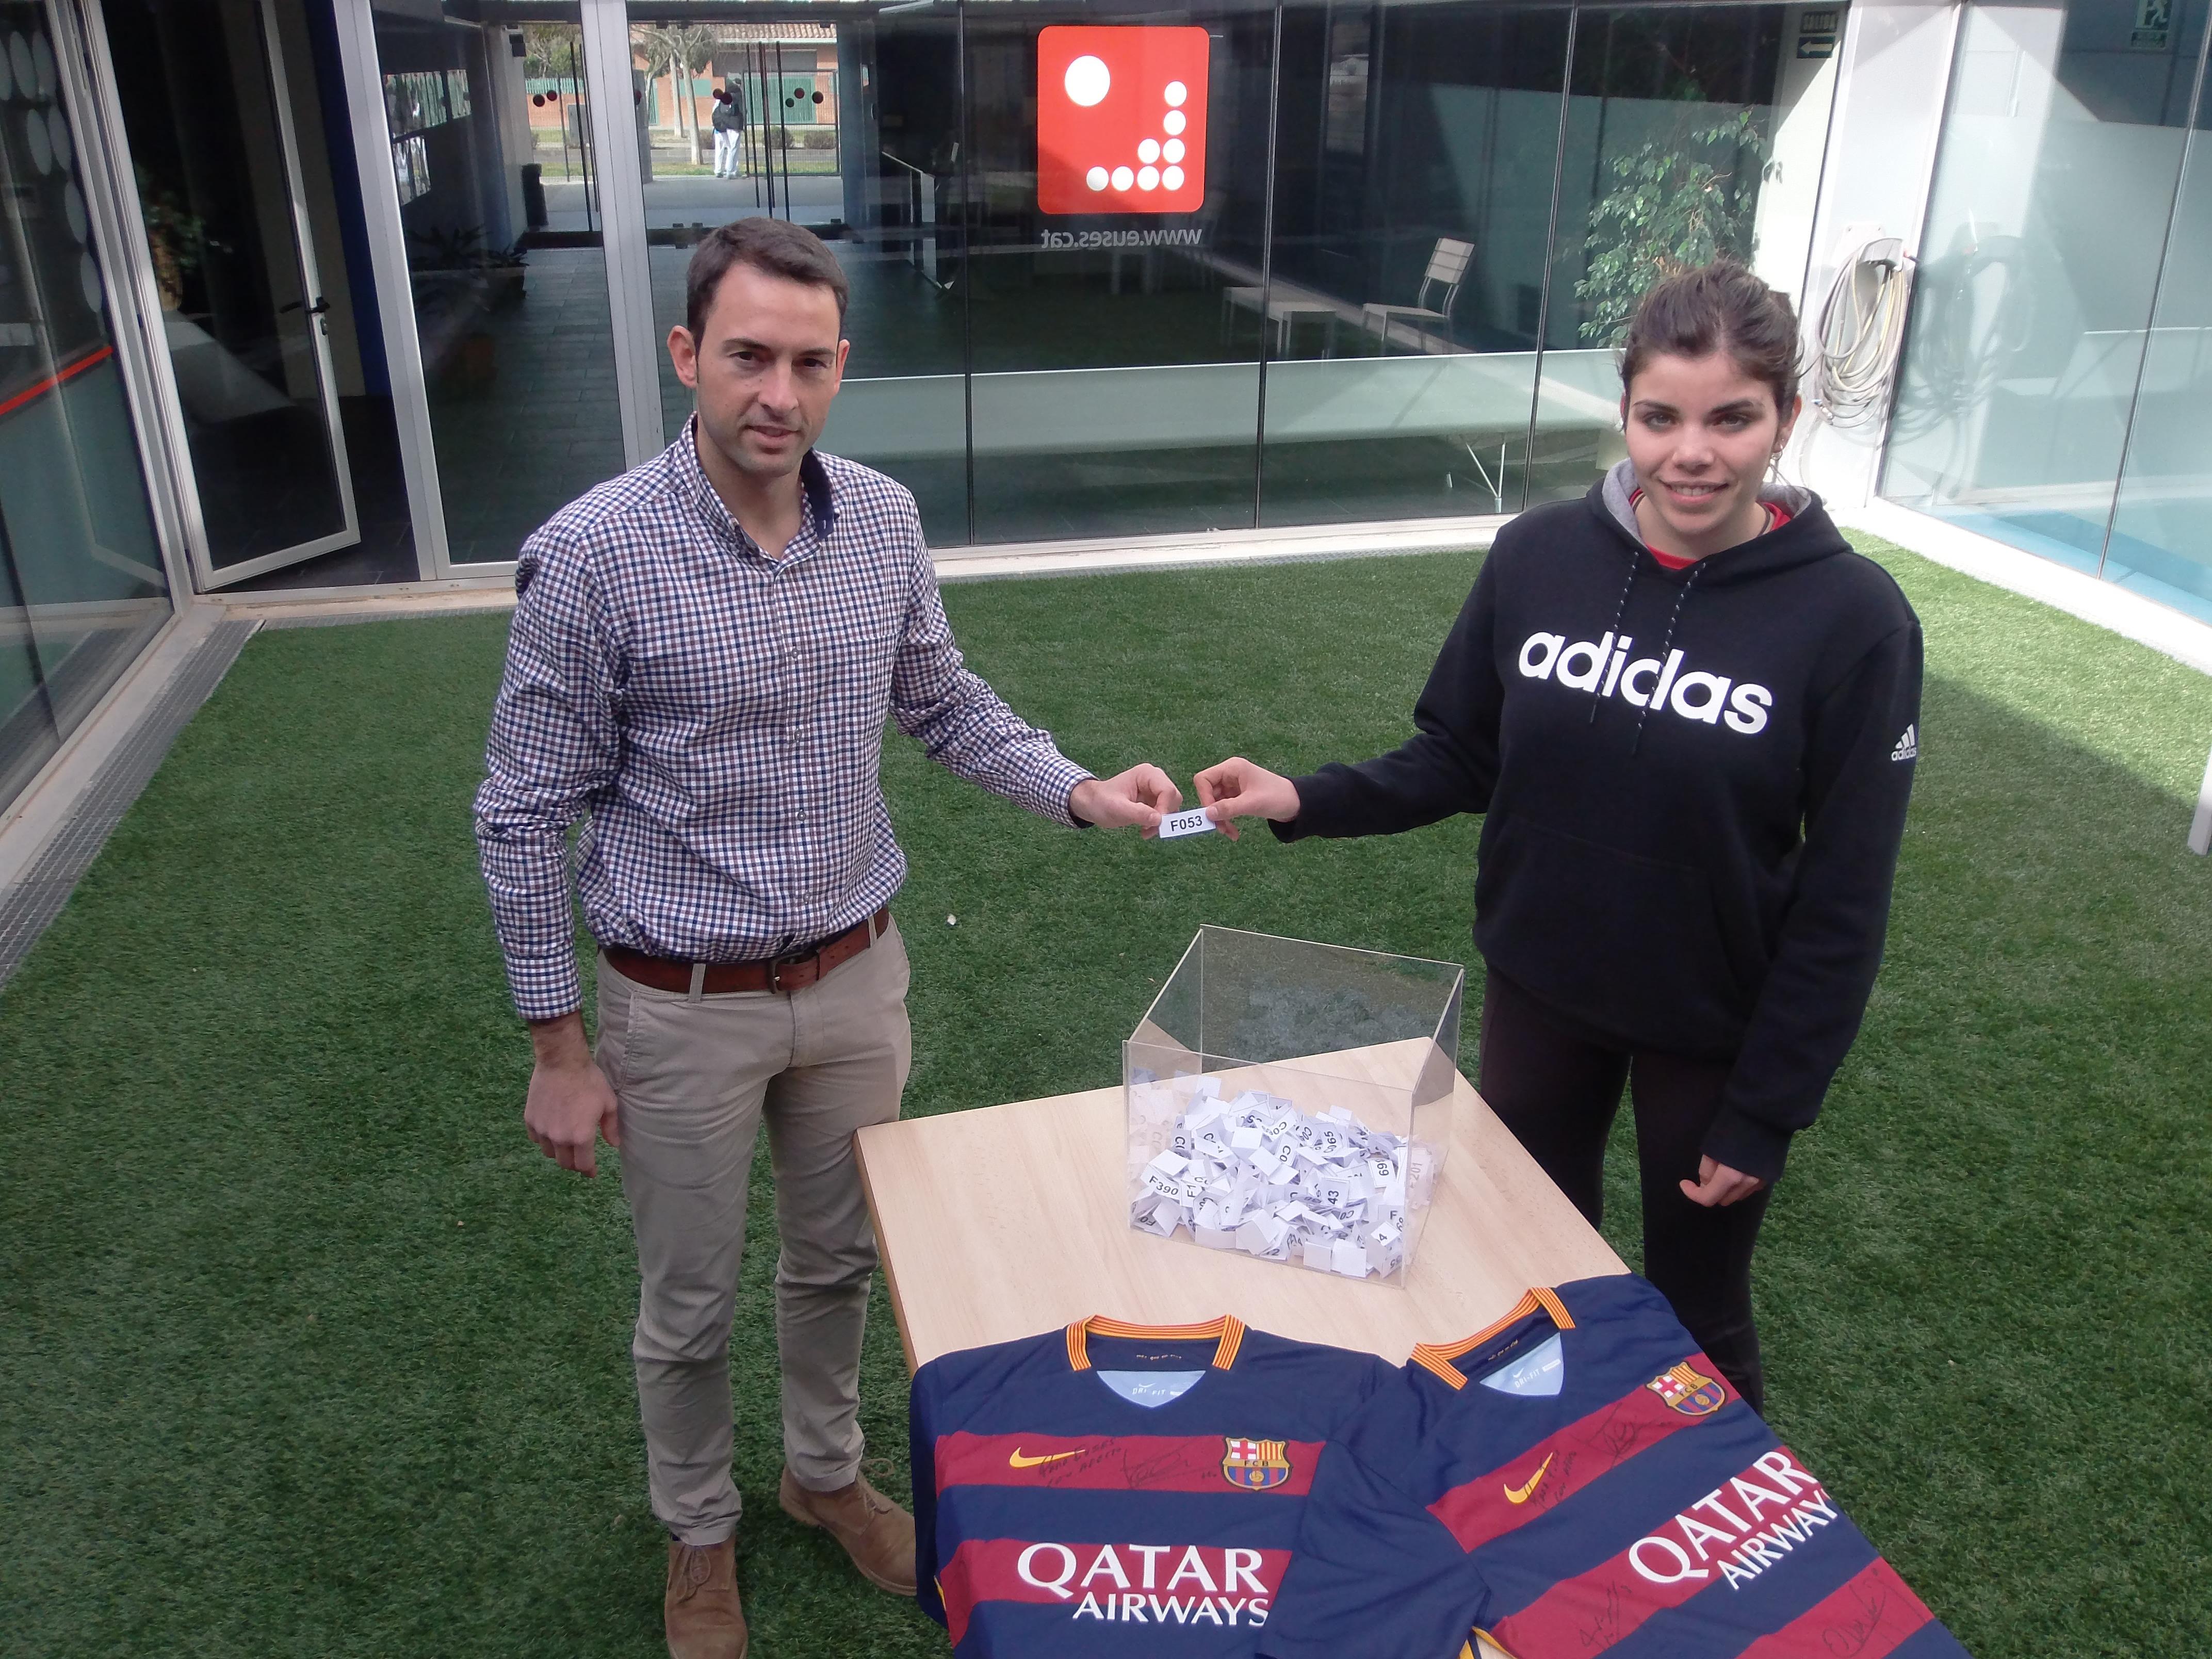 Ricard Busoms i Marc Vizcaíno, els afortunats del sorteig de dues samarretes del Barça signades pels jugadors del primer equip